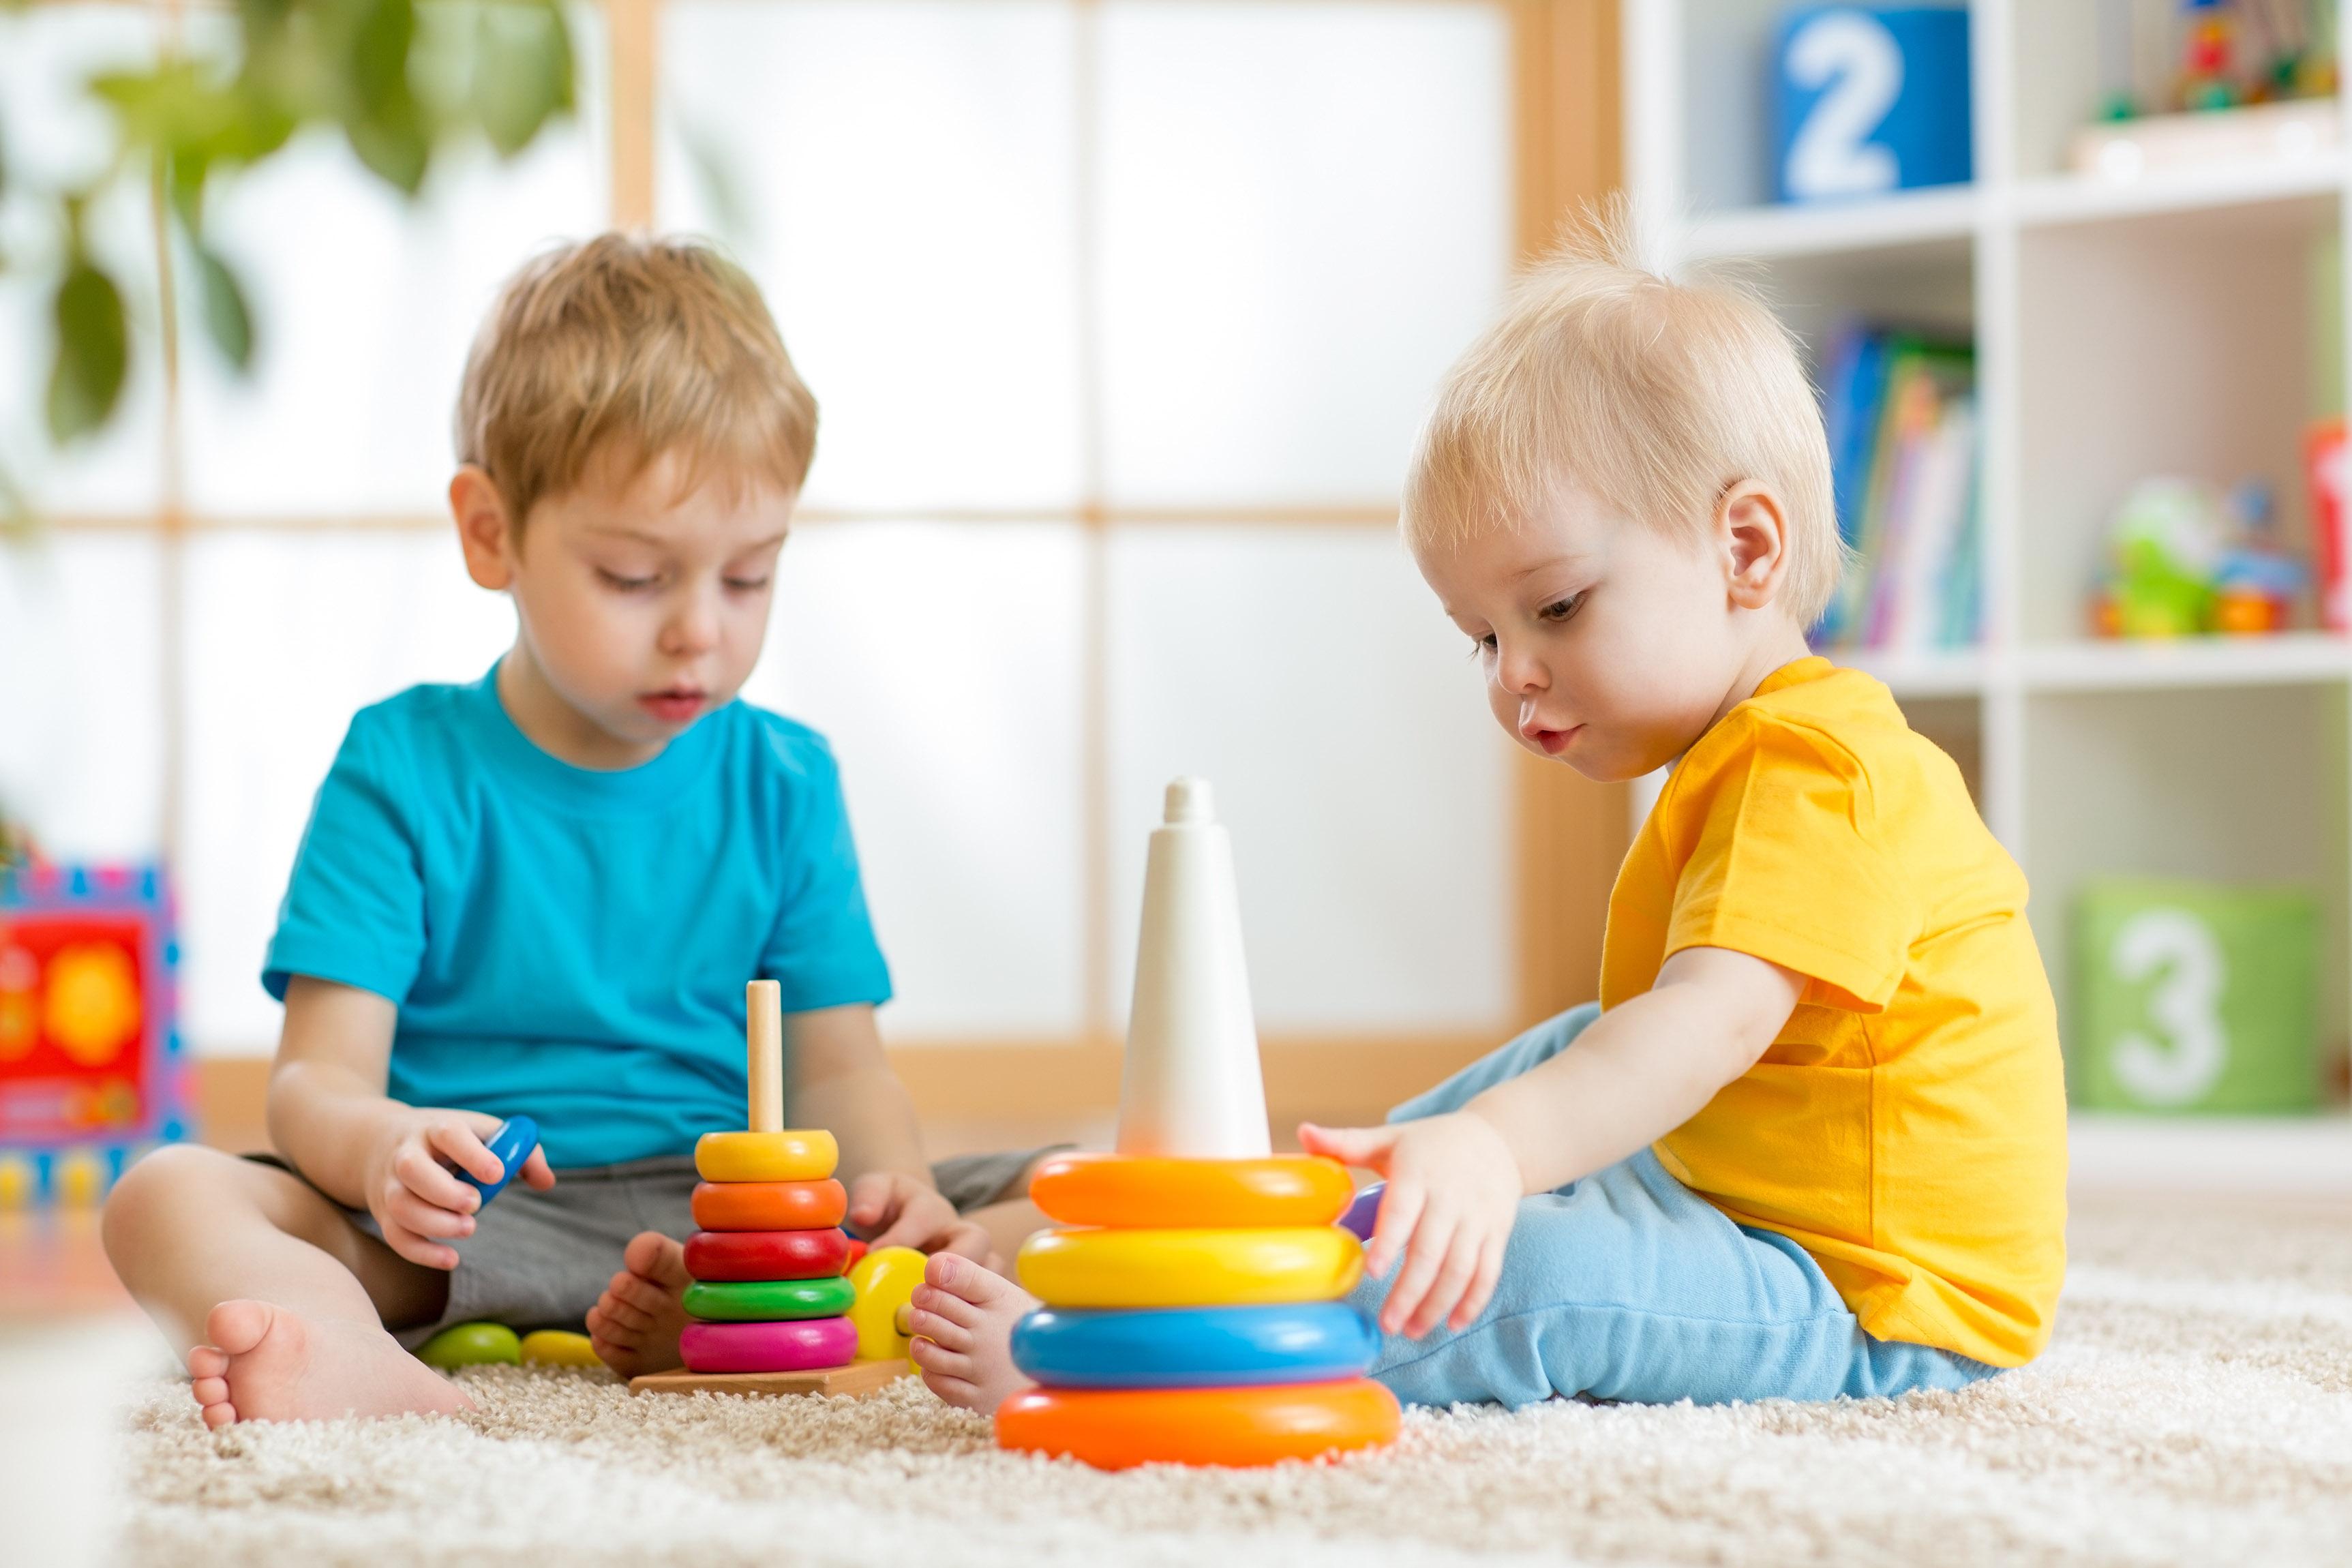 راهنمای خرید اسباب بازی برای کودکان سه تا پنج ساله